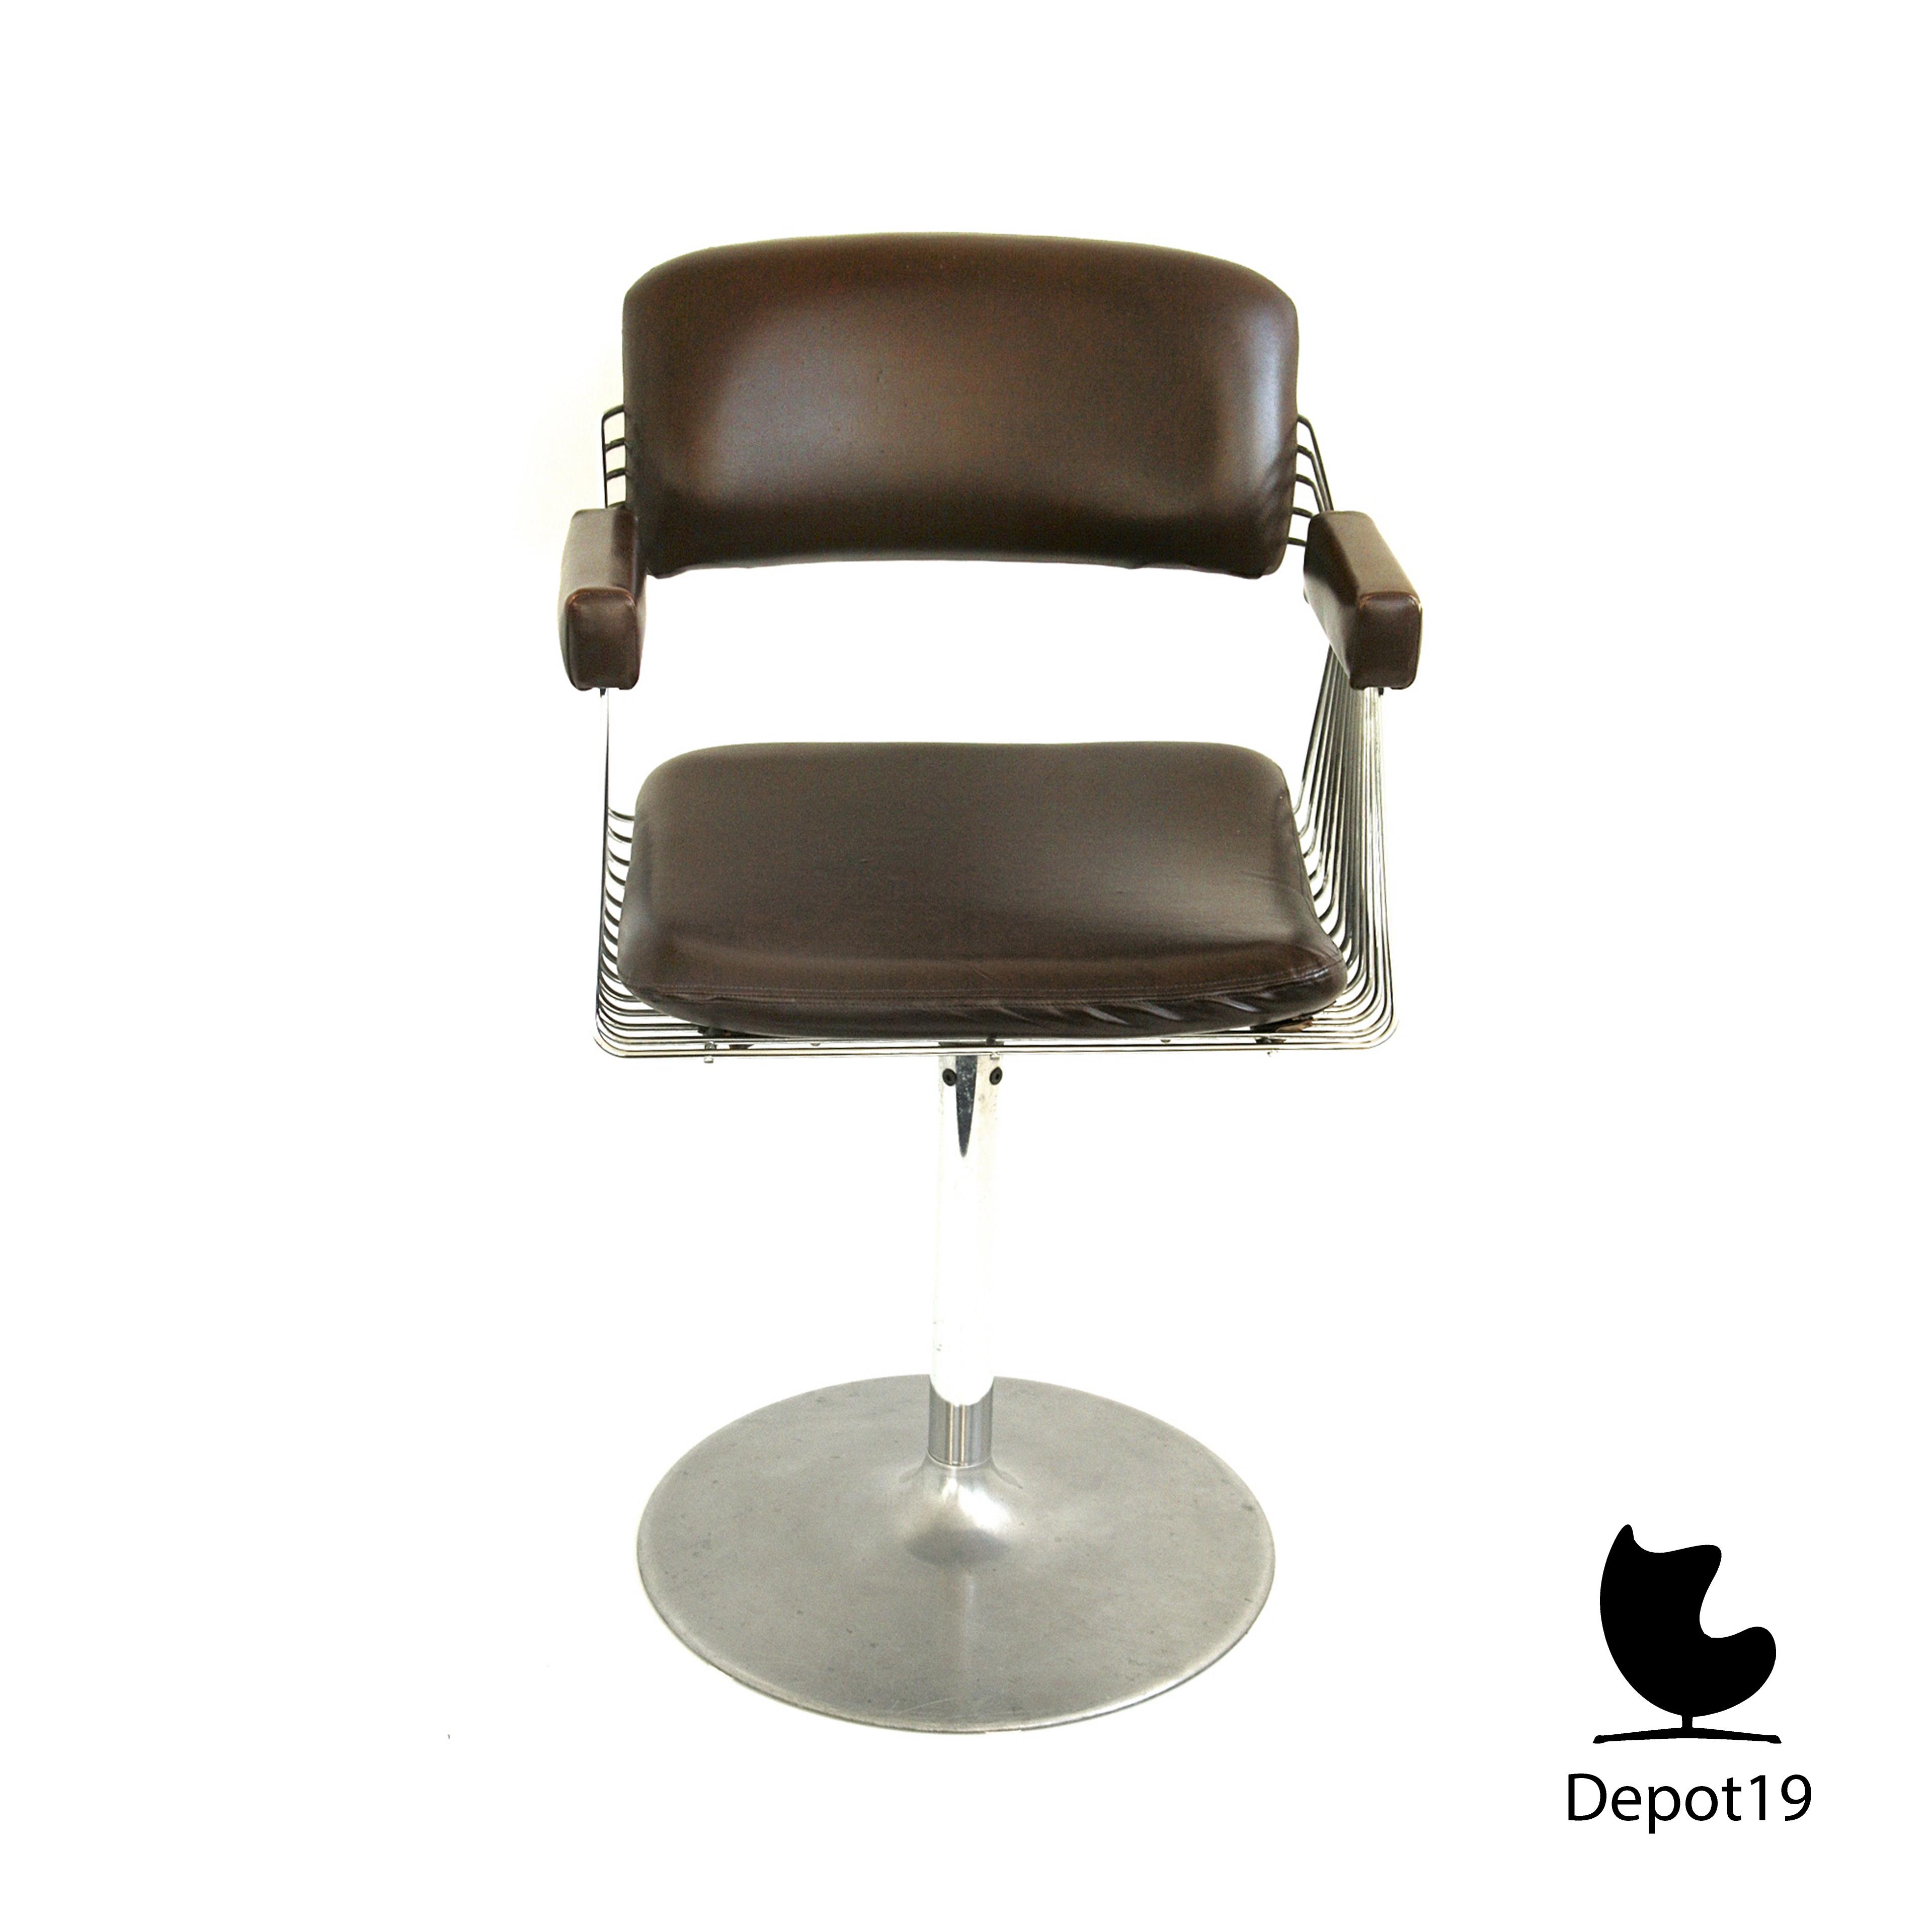 Rudi_Verelst_Delta_wire_chair_Novalux_depot_19_3